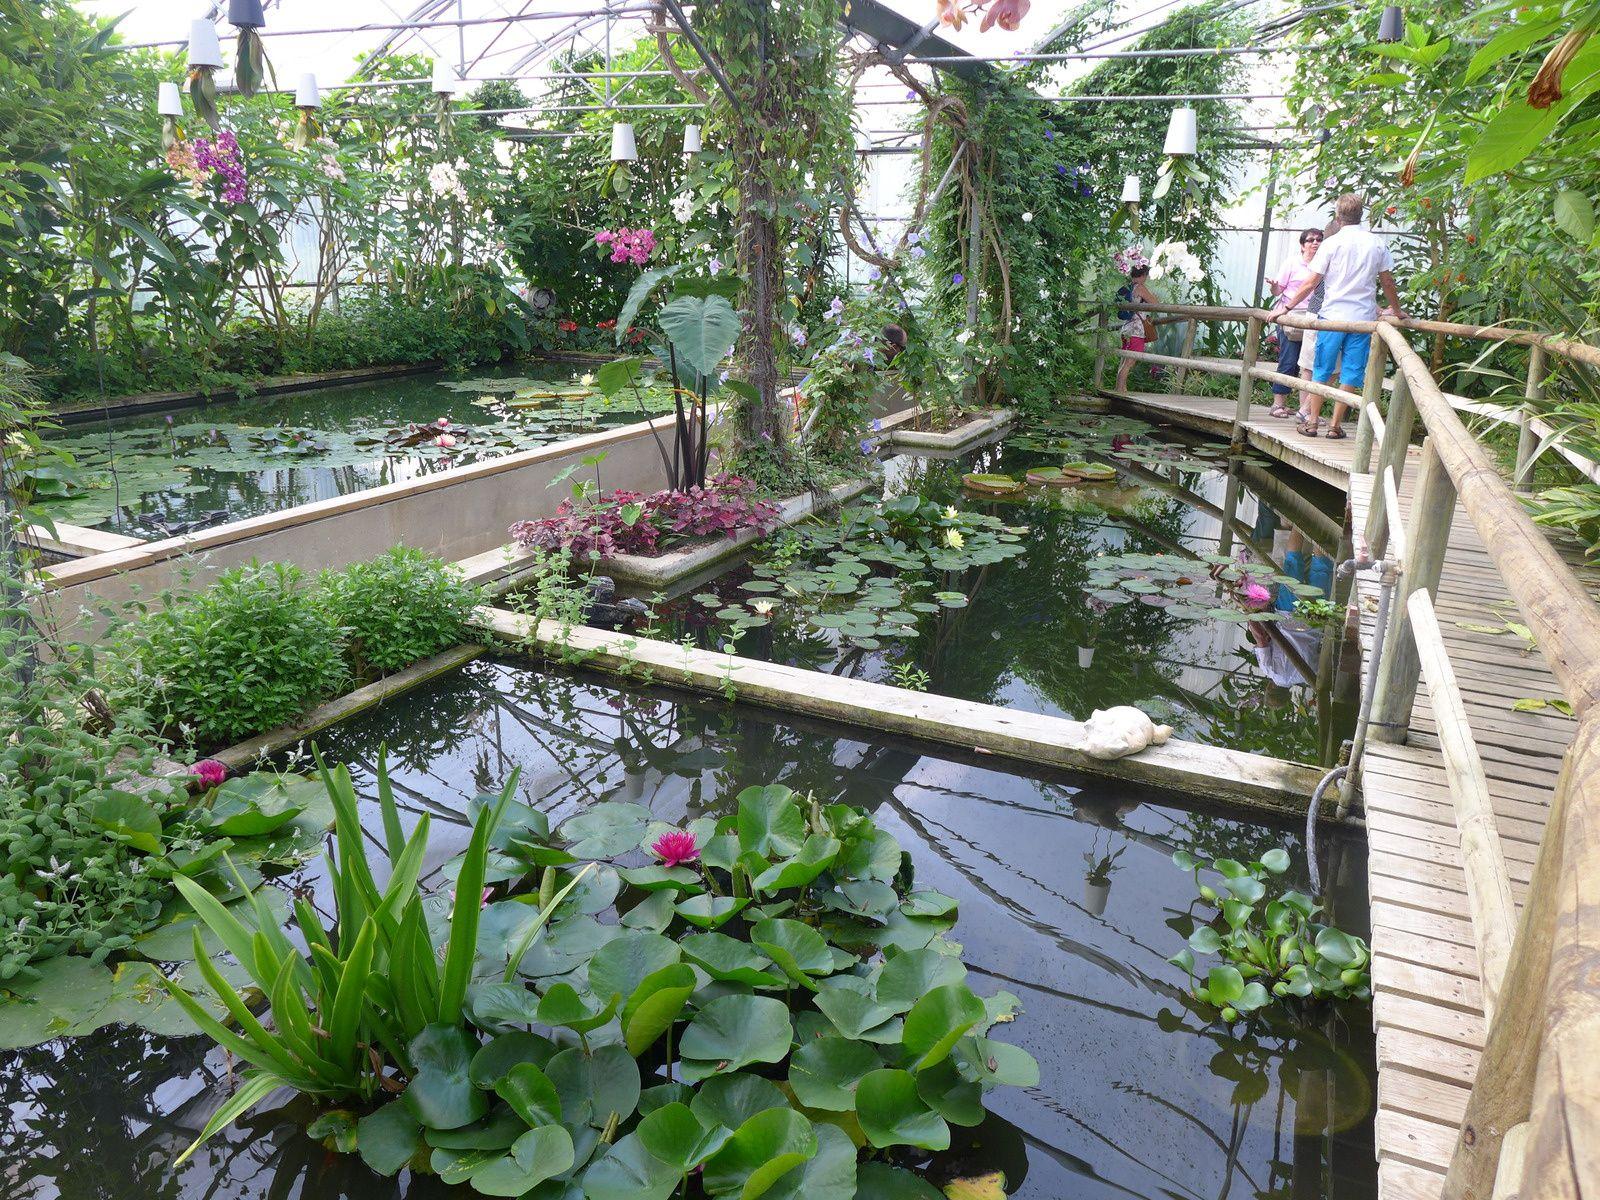 Des orchidées, une serre exotique aquatique, des fleurs de la passion.....